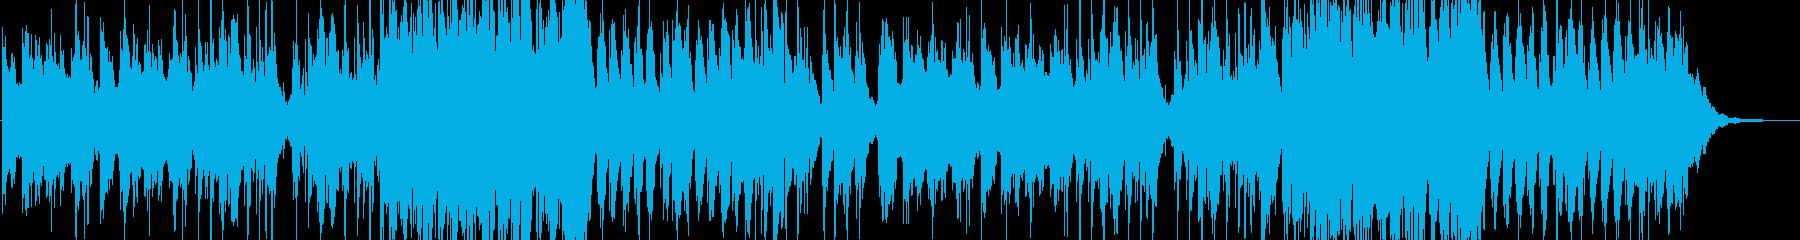 星空を眺めるピアノのヒーリングBGMの再生済みの波形